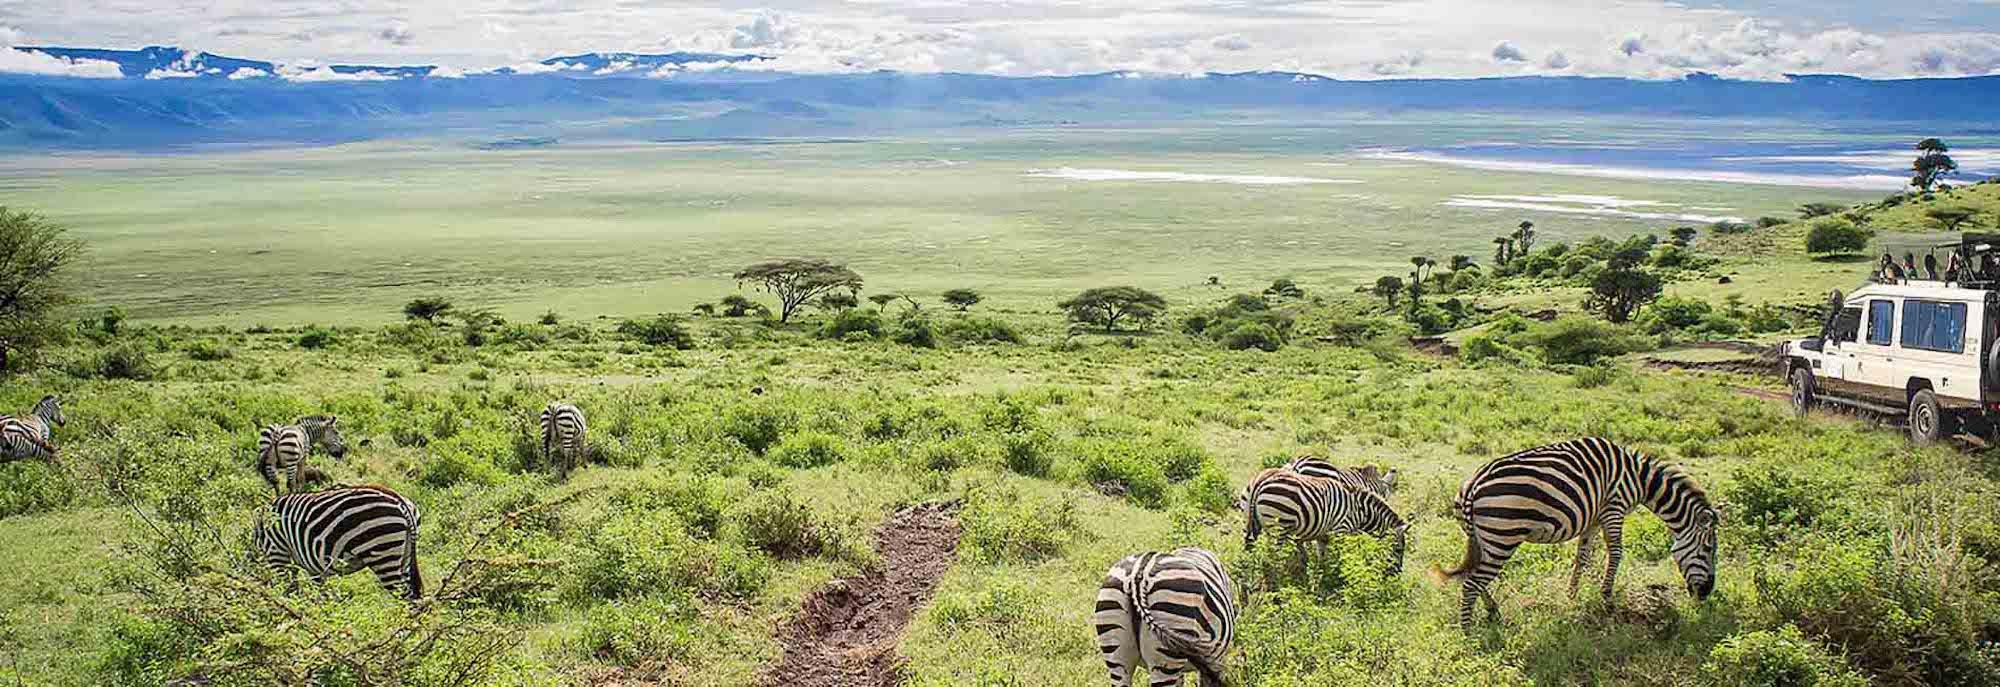 Ngorongoro Conservation Area | Ngorongoro Crater